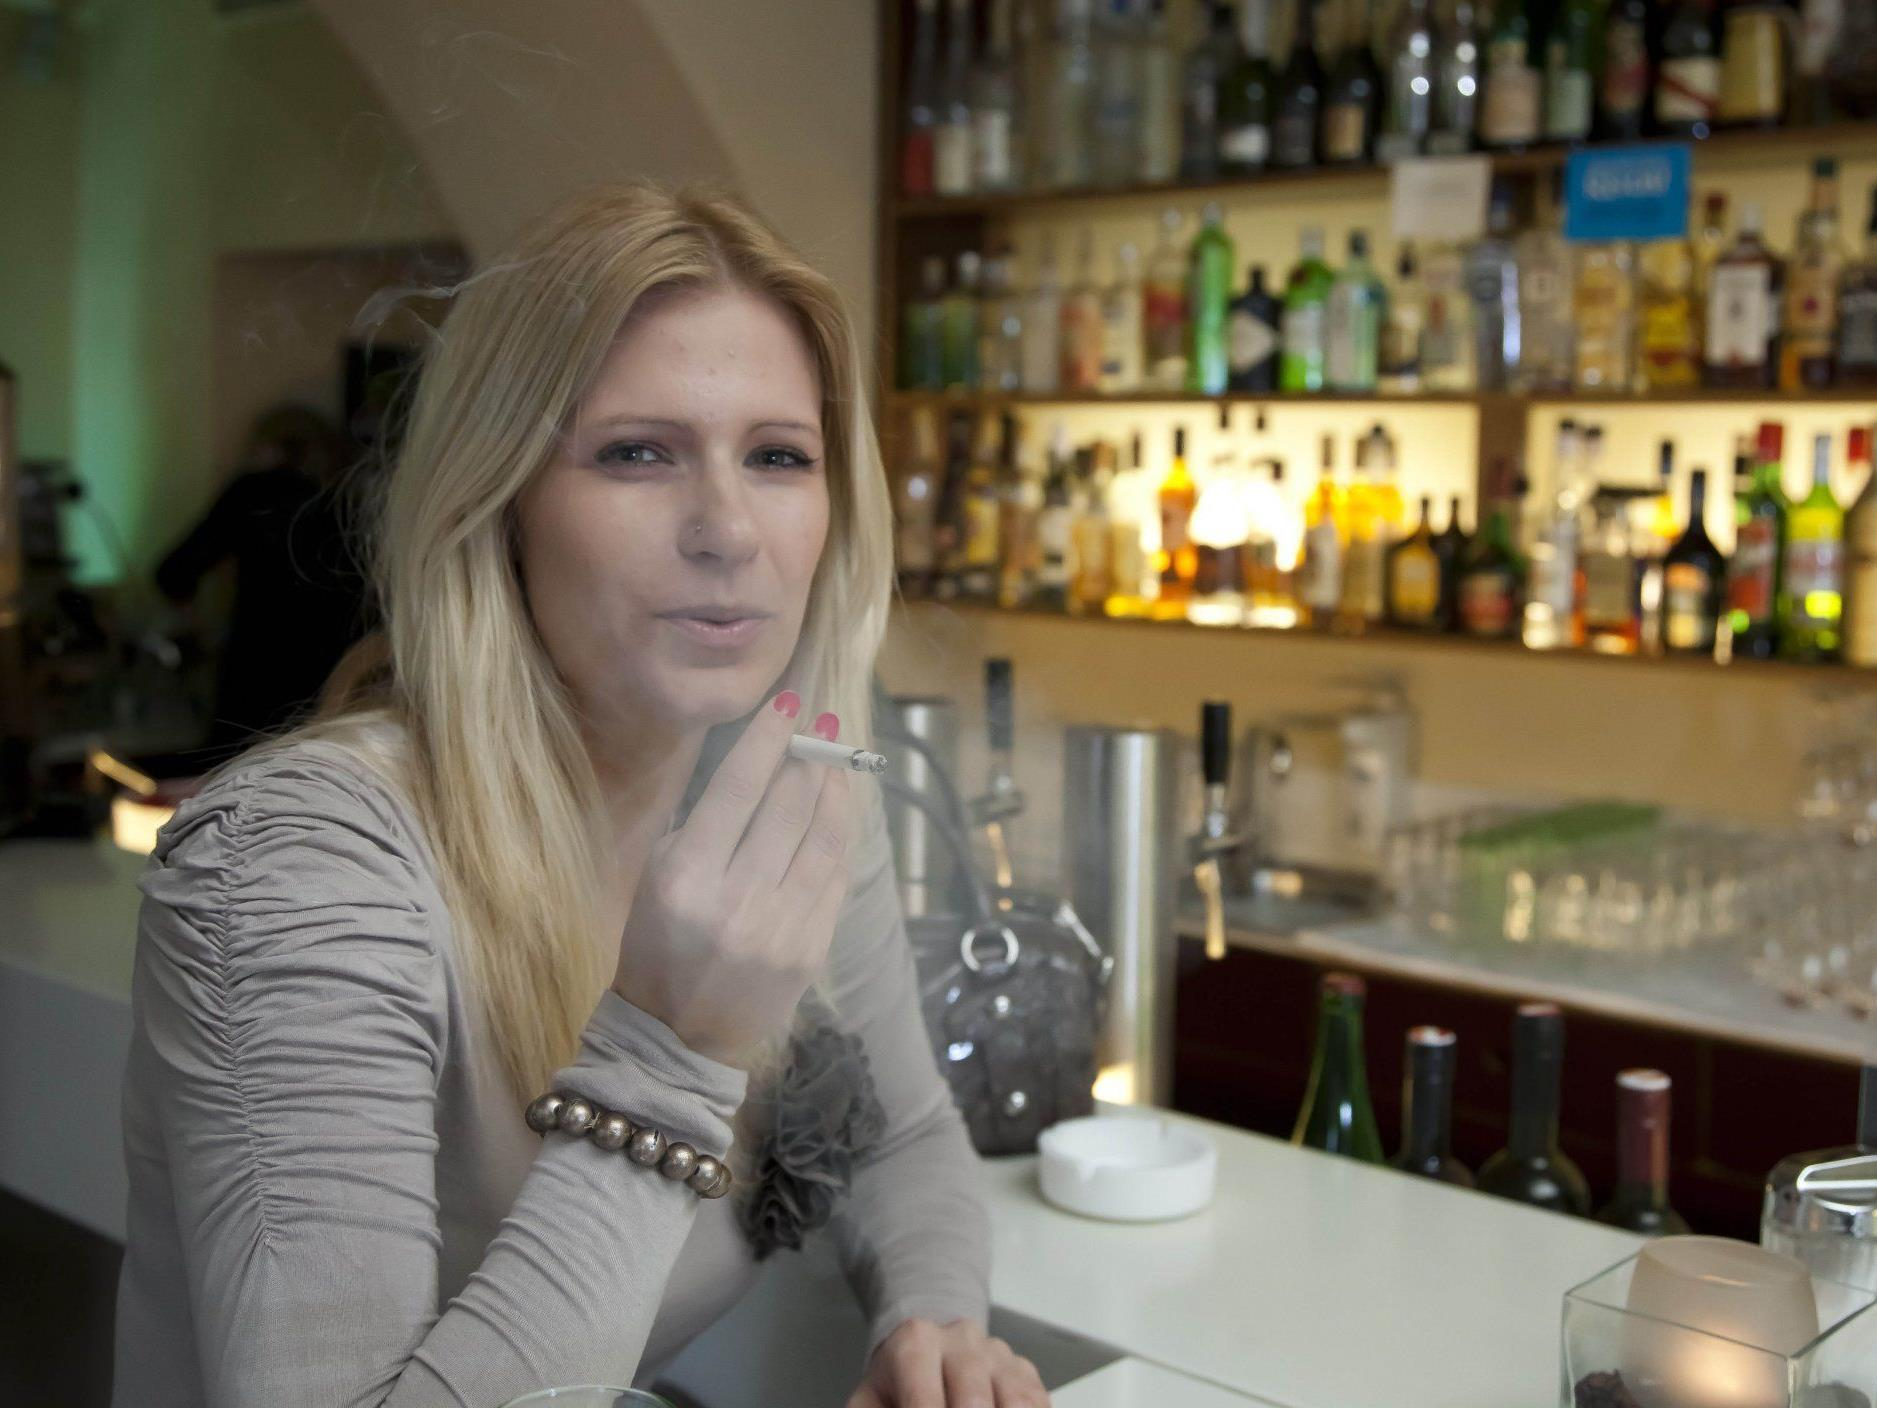 Gäste, die trotz Verbot rauchen, müssen bis zu 1000 Euro zahlen.